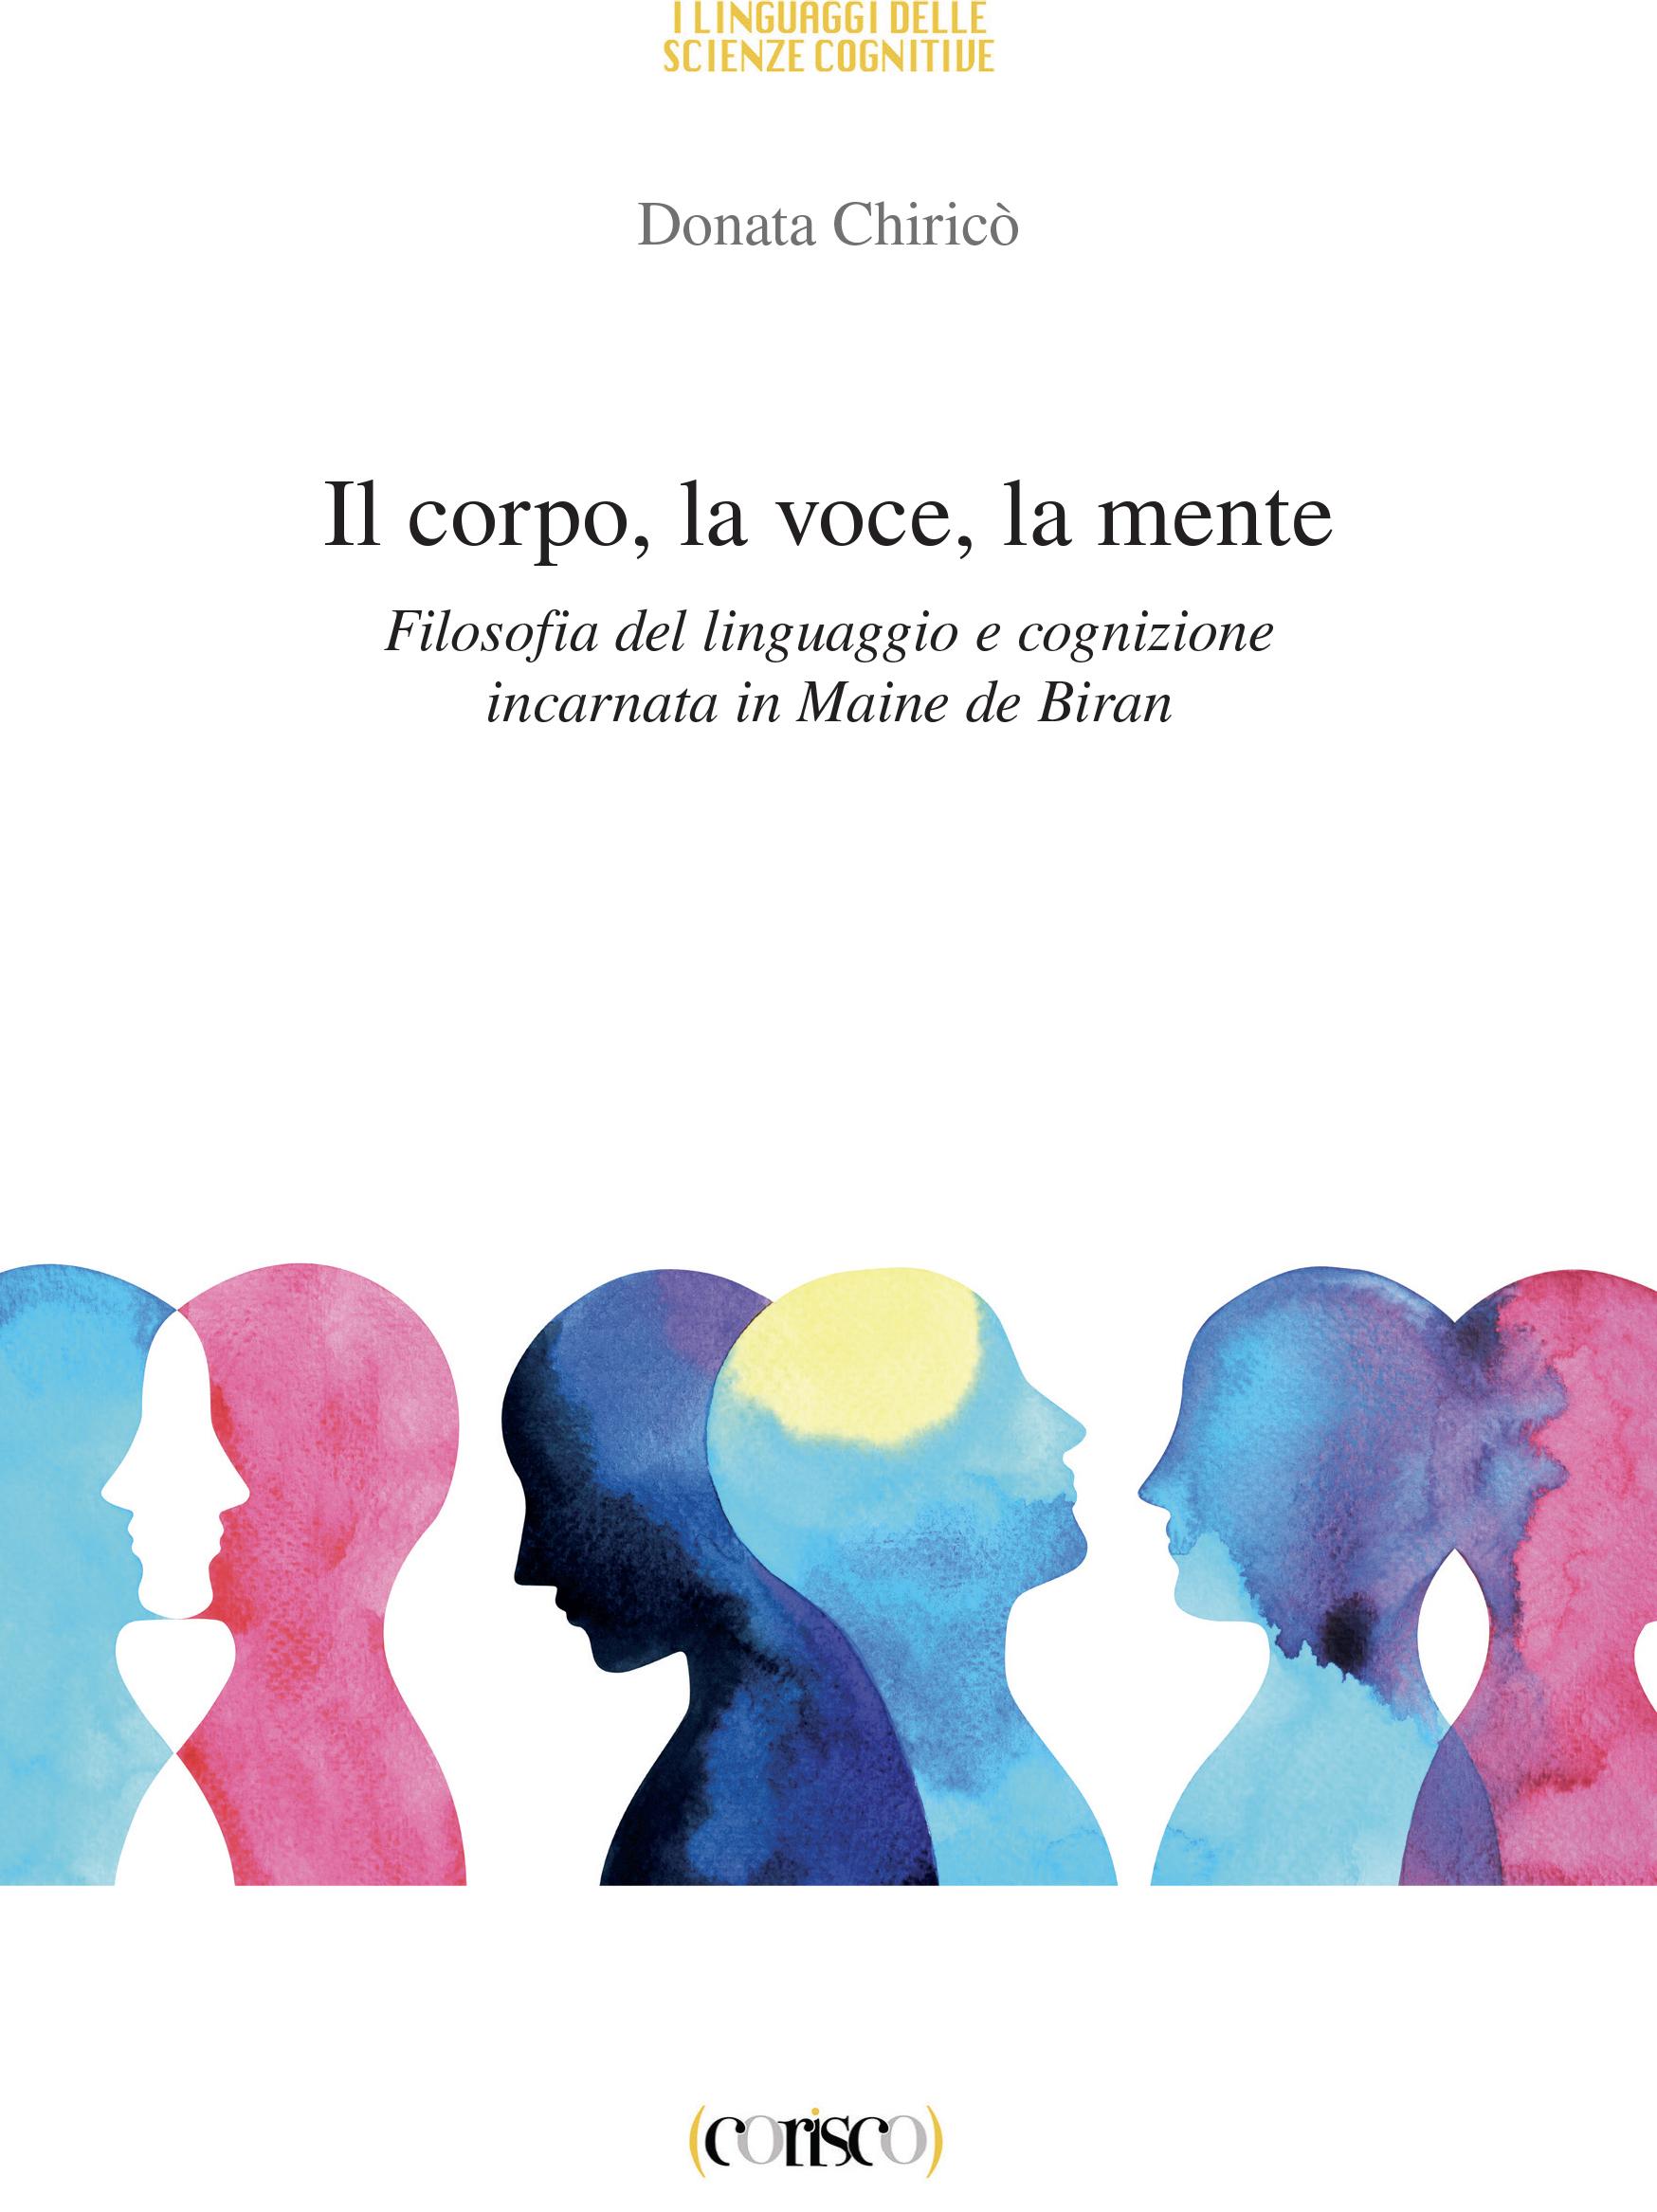 Il corpo la voce la mente